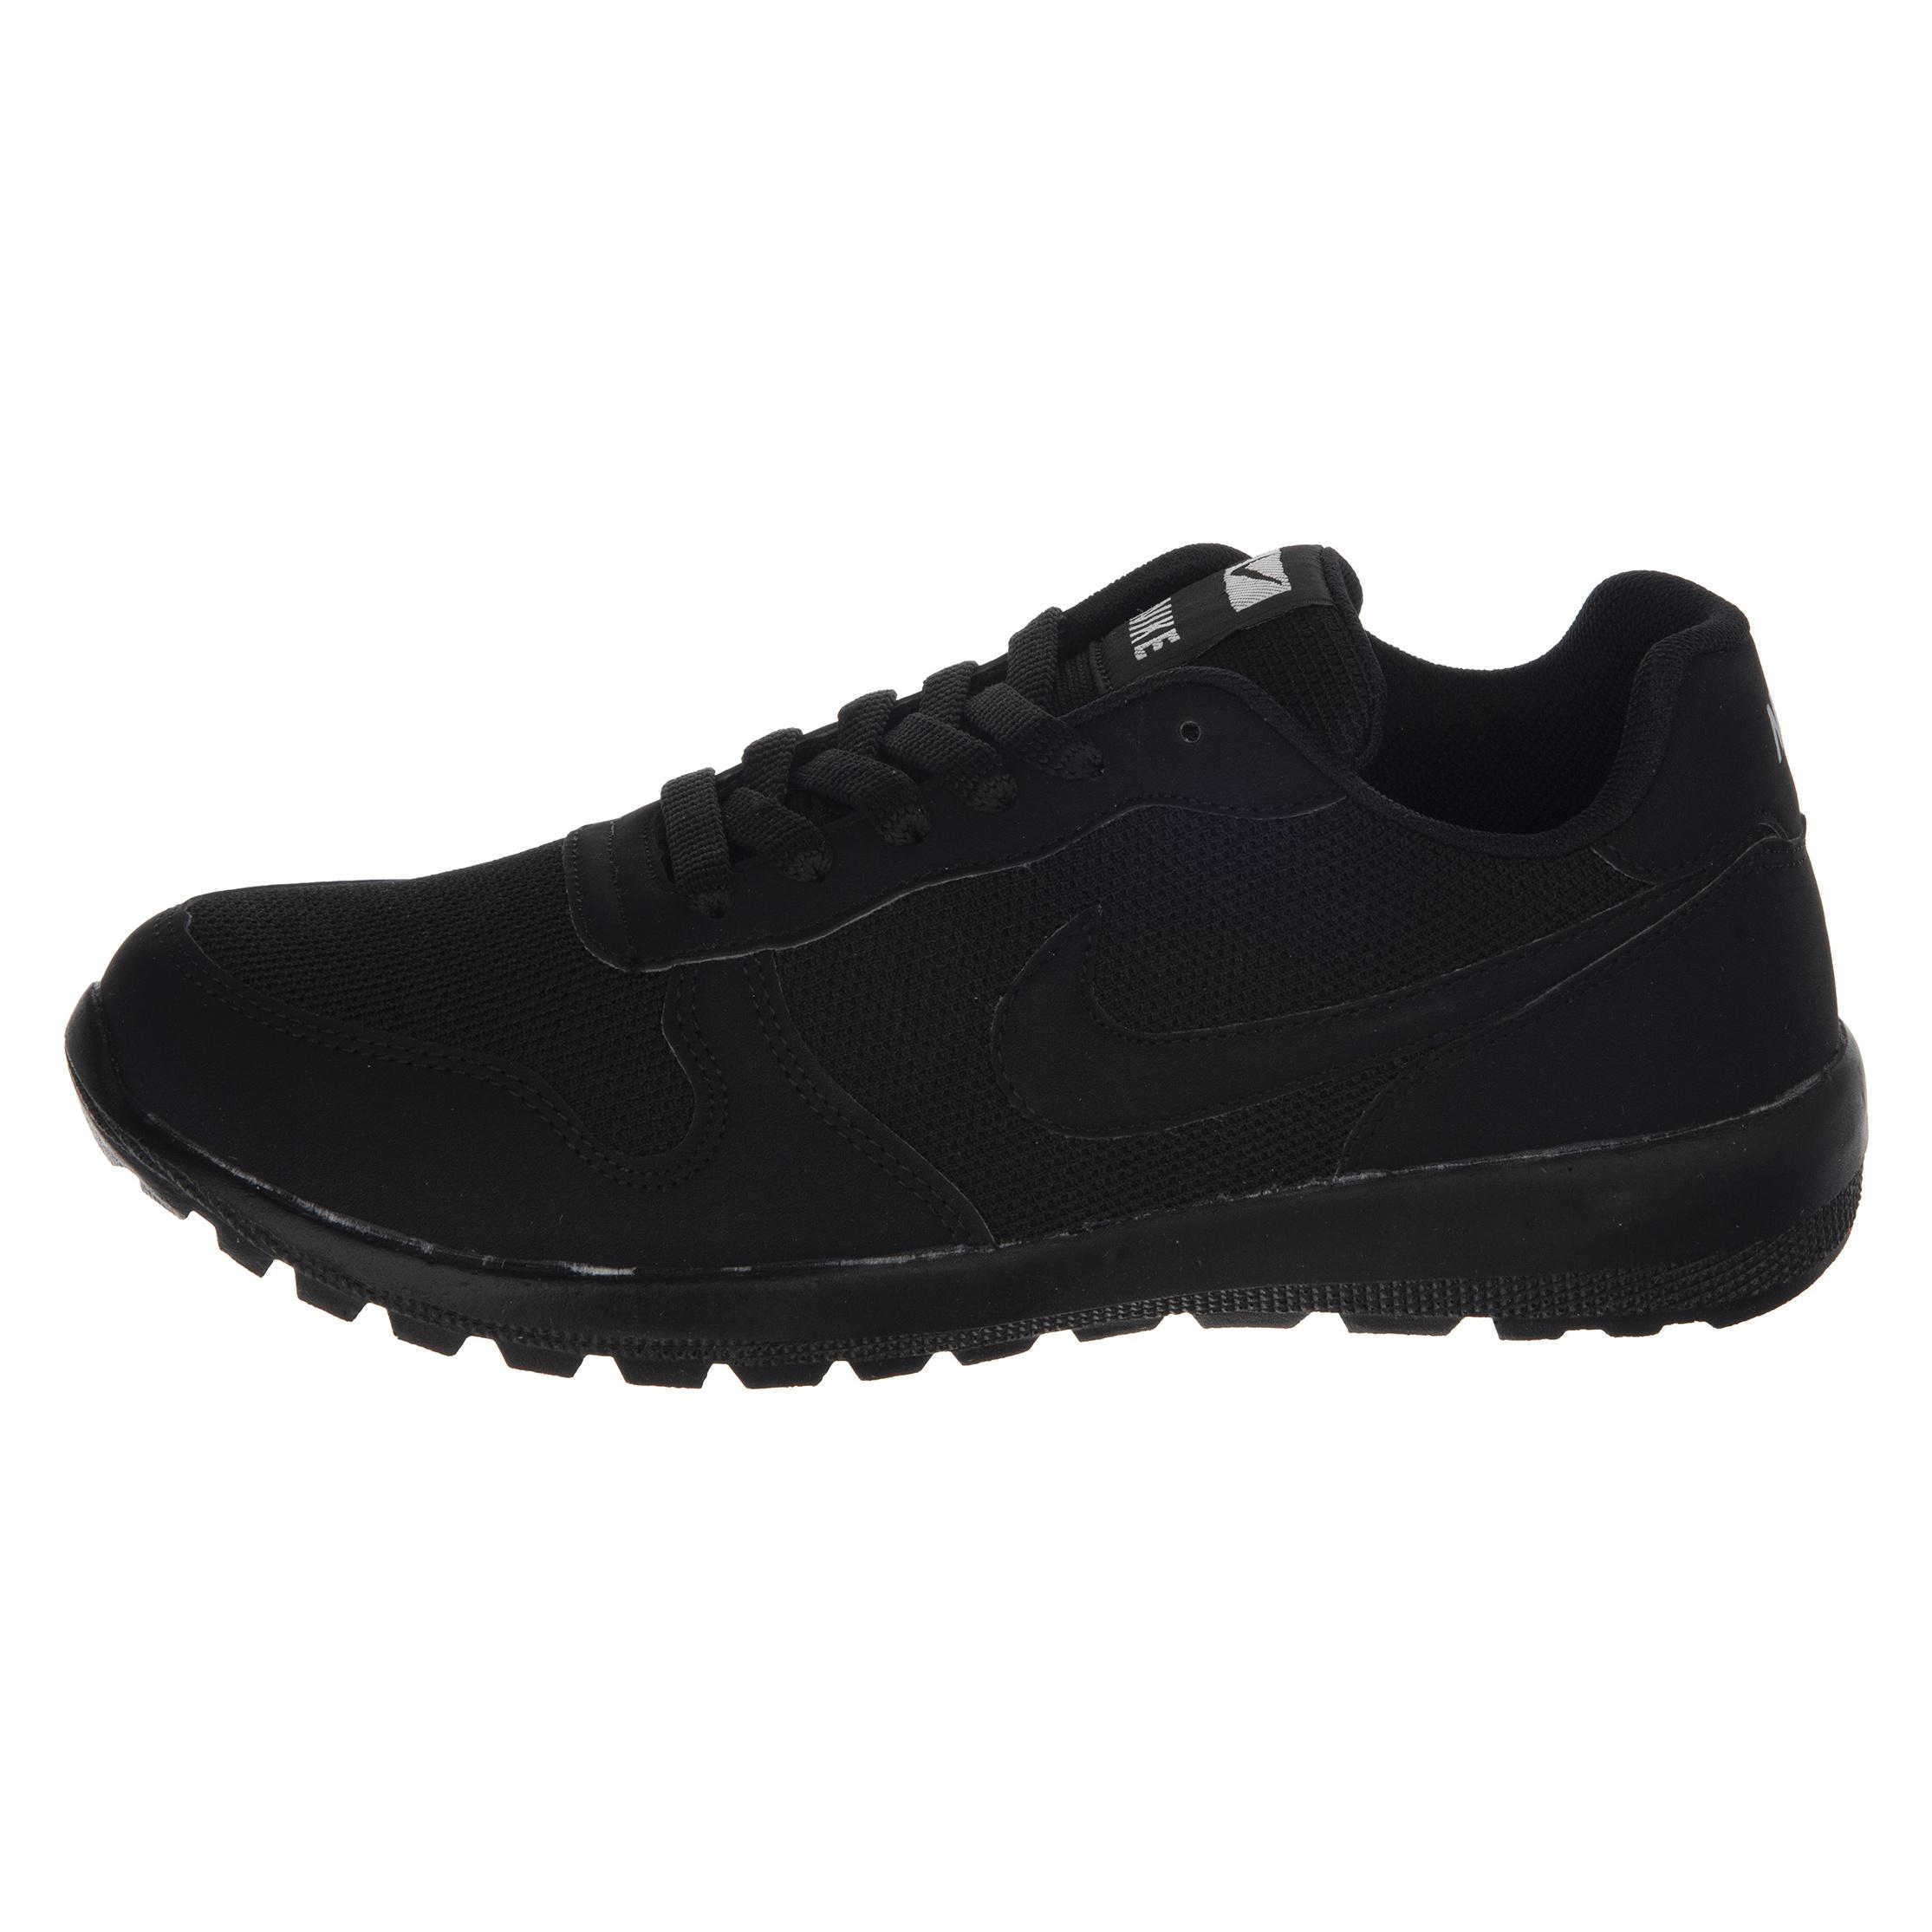 کفش مخصوص پیاده روی زنانه کد 8000